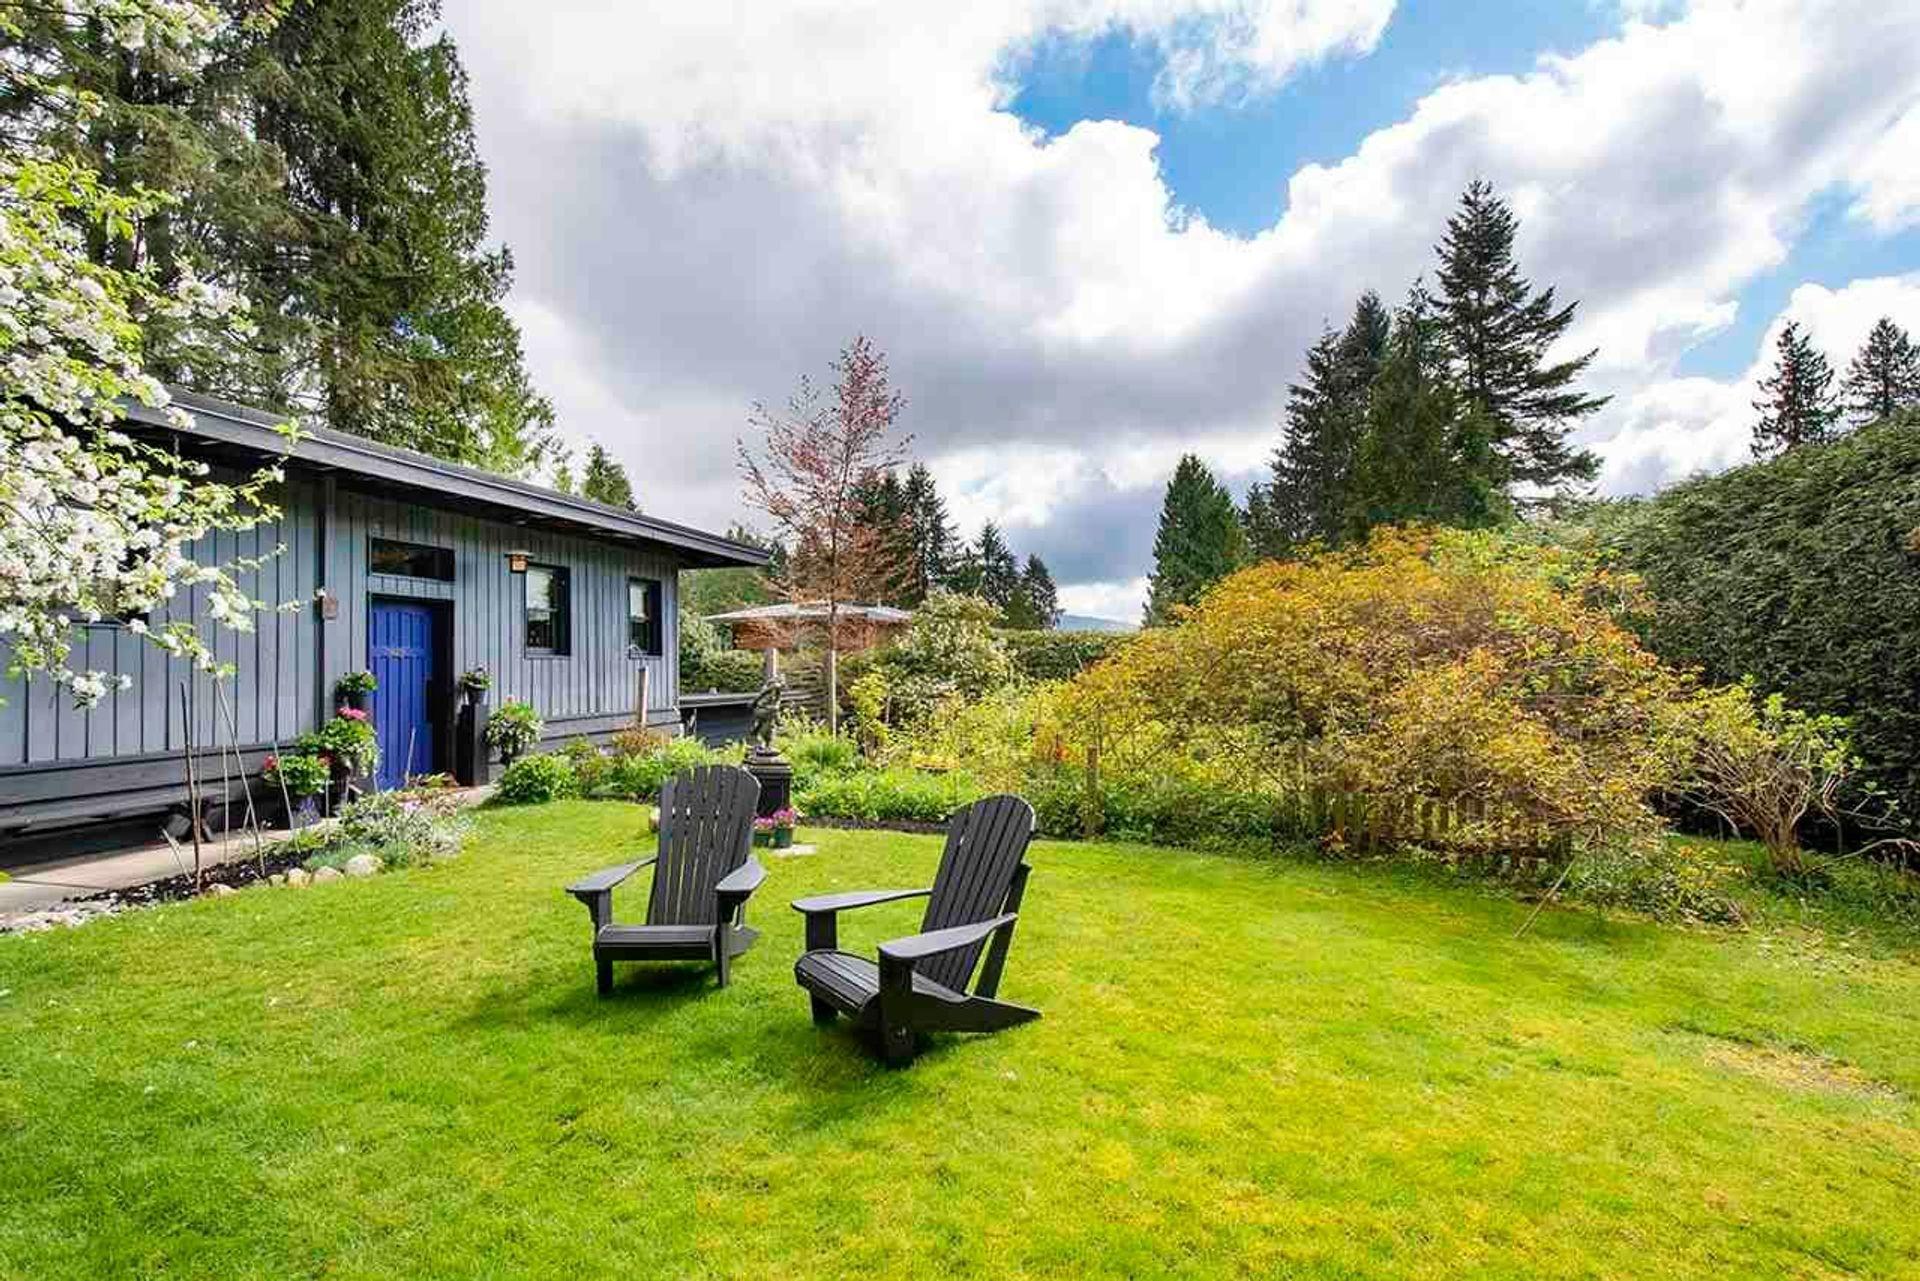 3290-regent-avenue-princess-park-north-vancouver-25 at 3290 Regent Avenue, Princess Park, North Vancouver